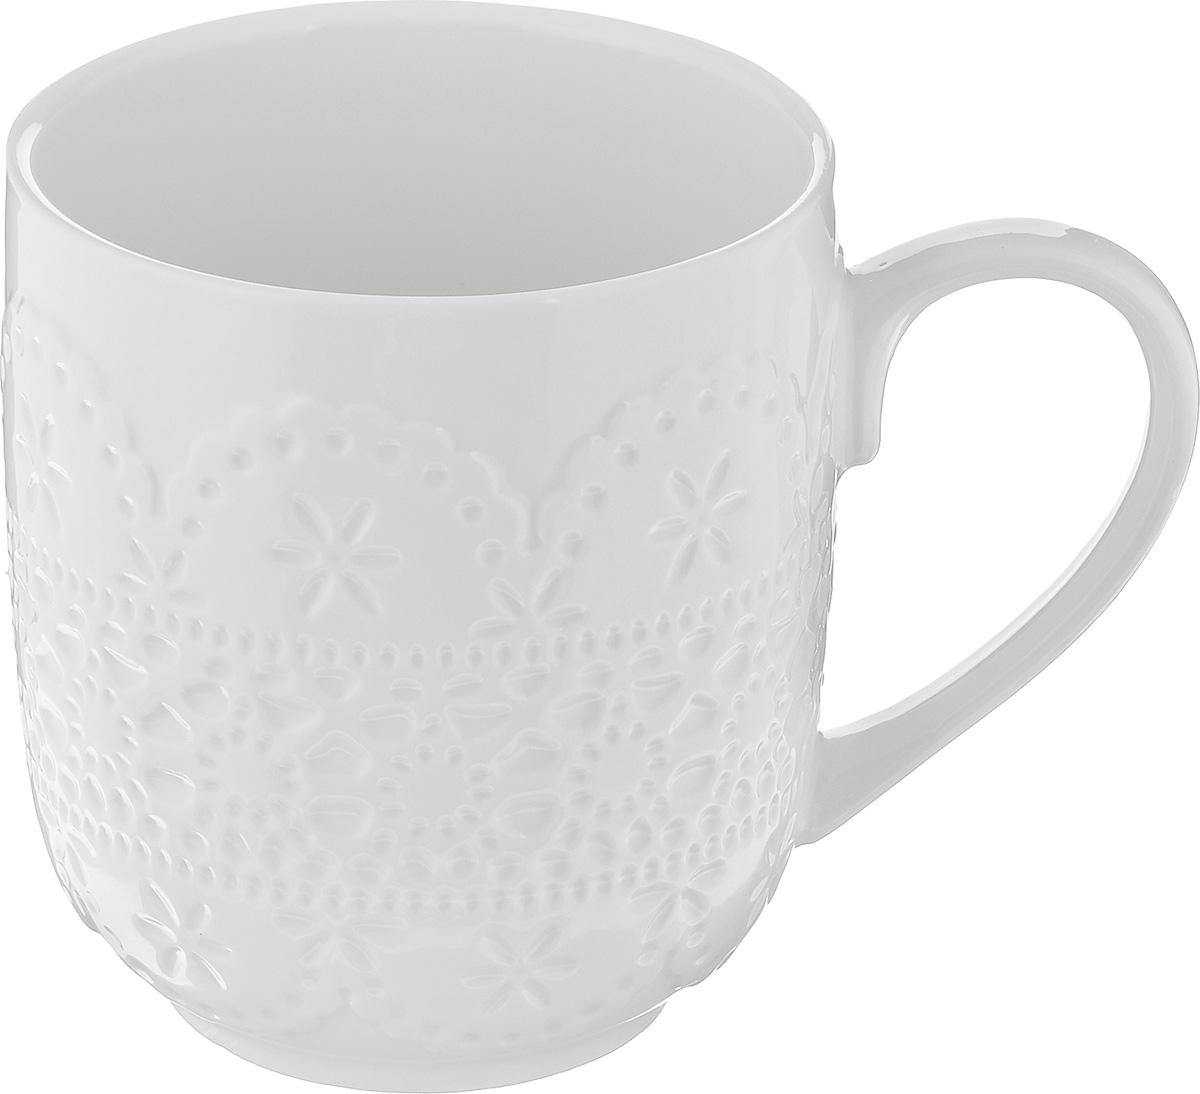 Кружка Walmer Charlotte, цвет: белый, 300 млLJ0128-3226Кружка Walmer Charlotte изготовлена из высококачественного фарфора. Изделие оформлено изысканным рельефным орнаментом. Такая кружка прекрасно оформит стол к чаепитию и станет его неизменным атрибутом.Не рекомендуется применять абразивные моющие средства. Диаметр (по верхнему краю): 8 см. Высота: 9,5 см.